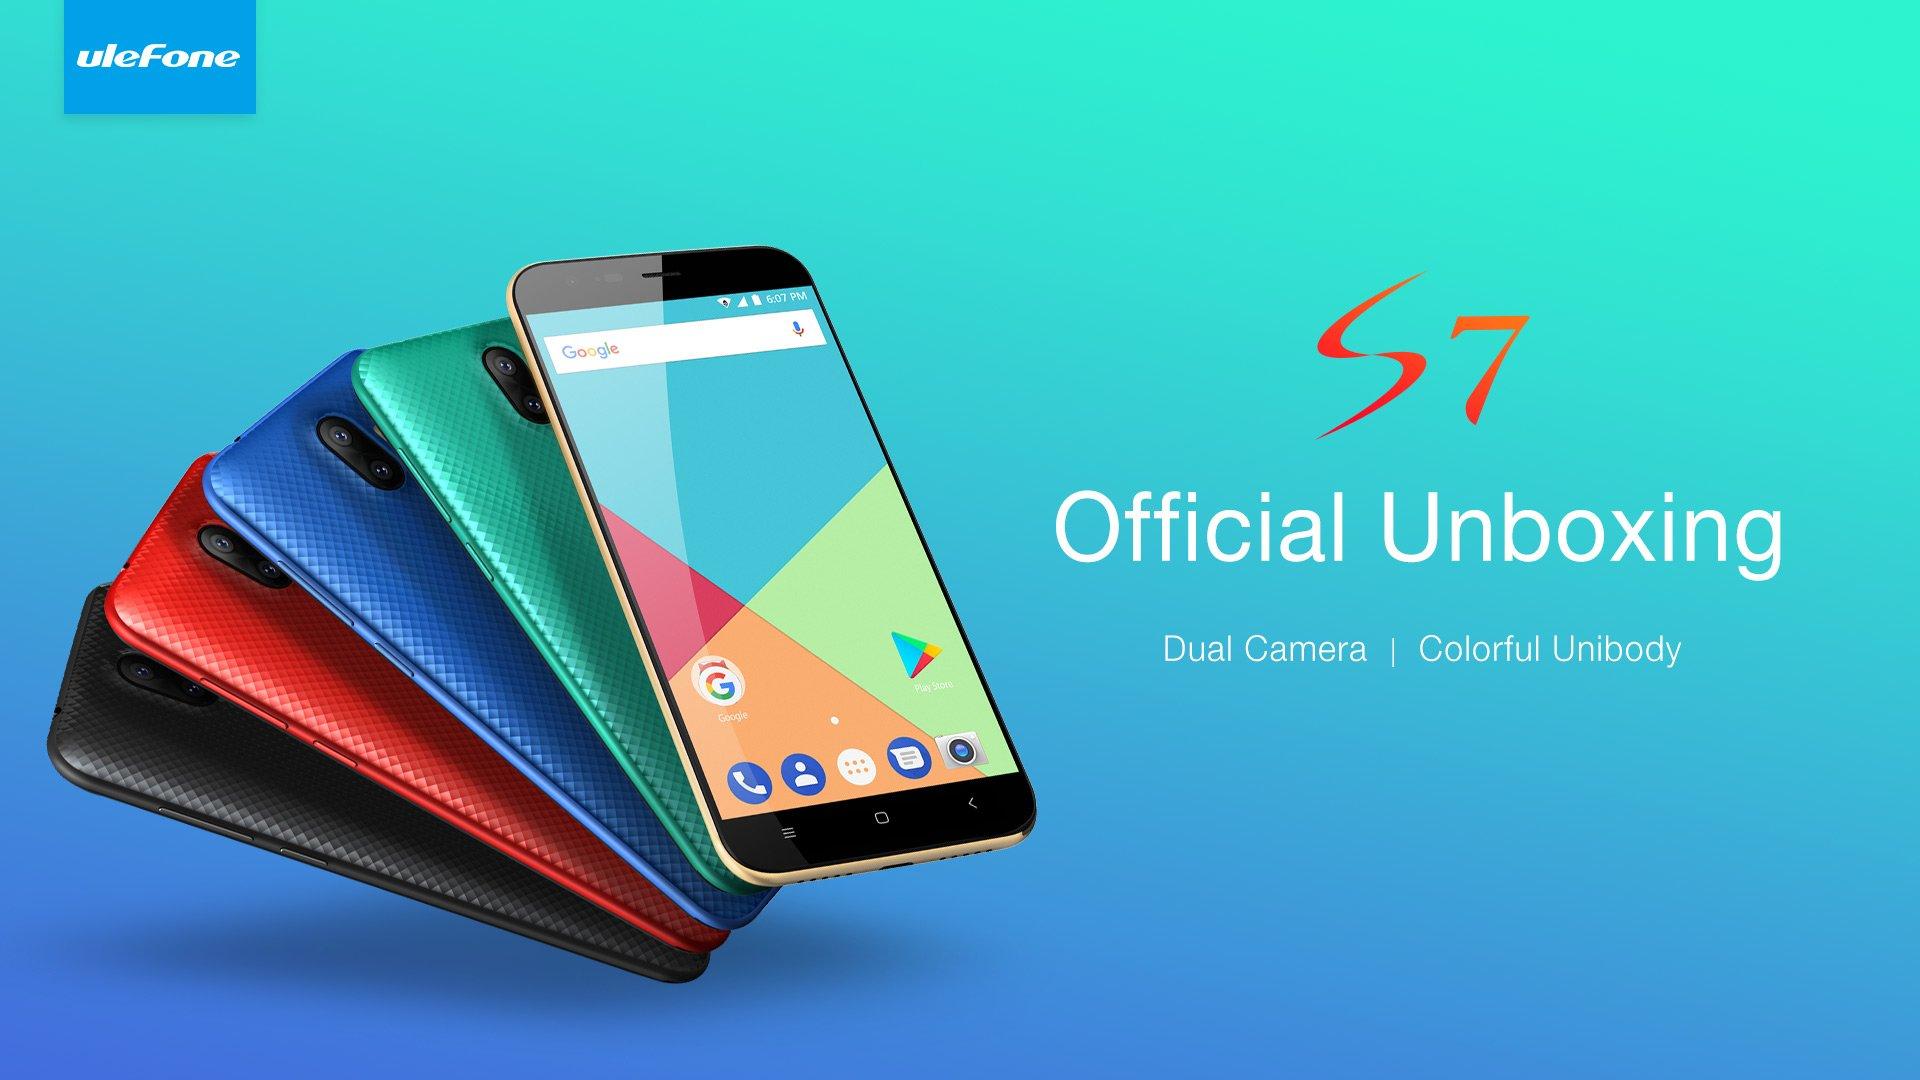 Tabletowo.pl Czy za 39,99$ można dostać coś więcej niż sam smartfon? Tak, a z Ulefone S7 jest nawet etui gratis Android Chińskie Smartfony